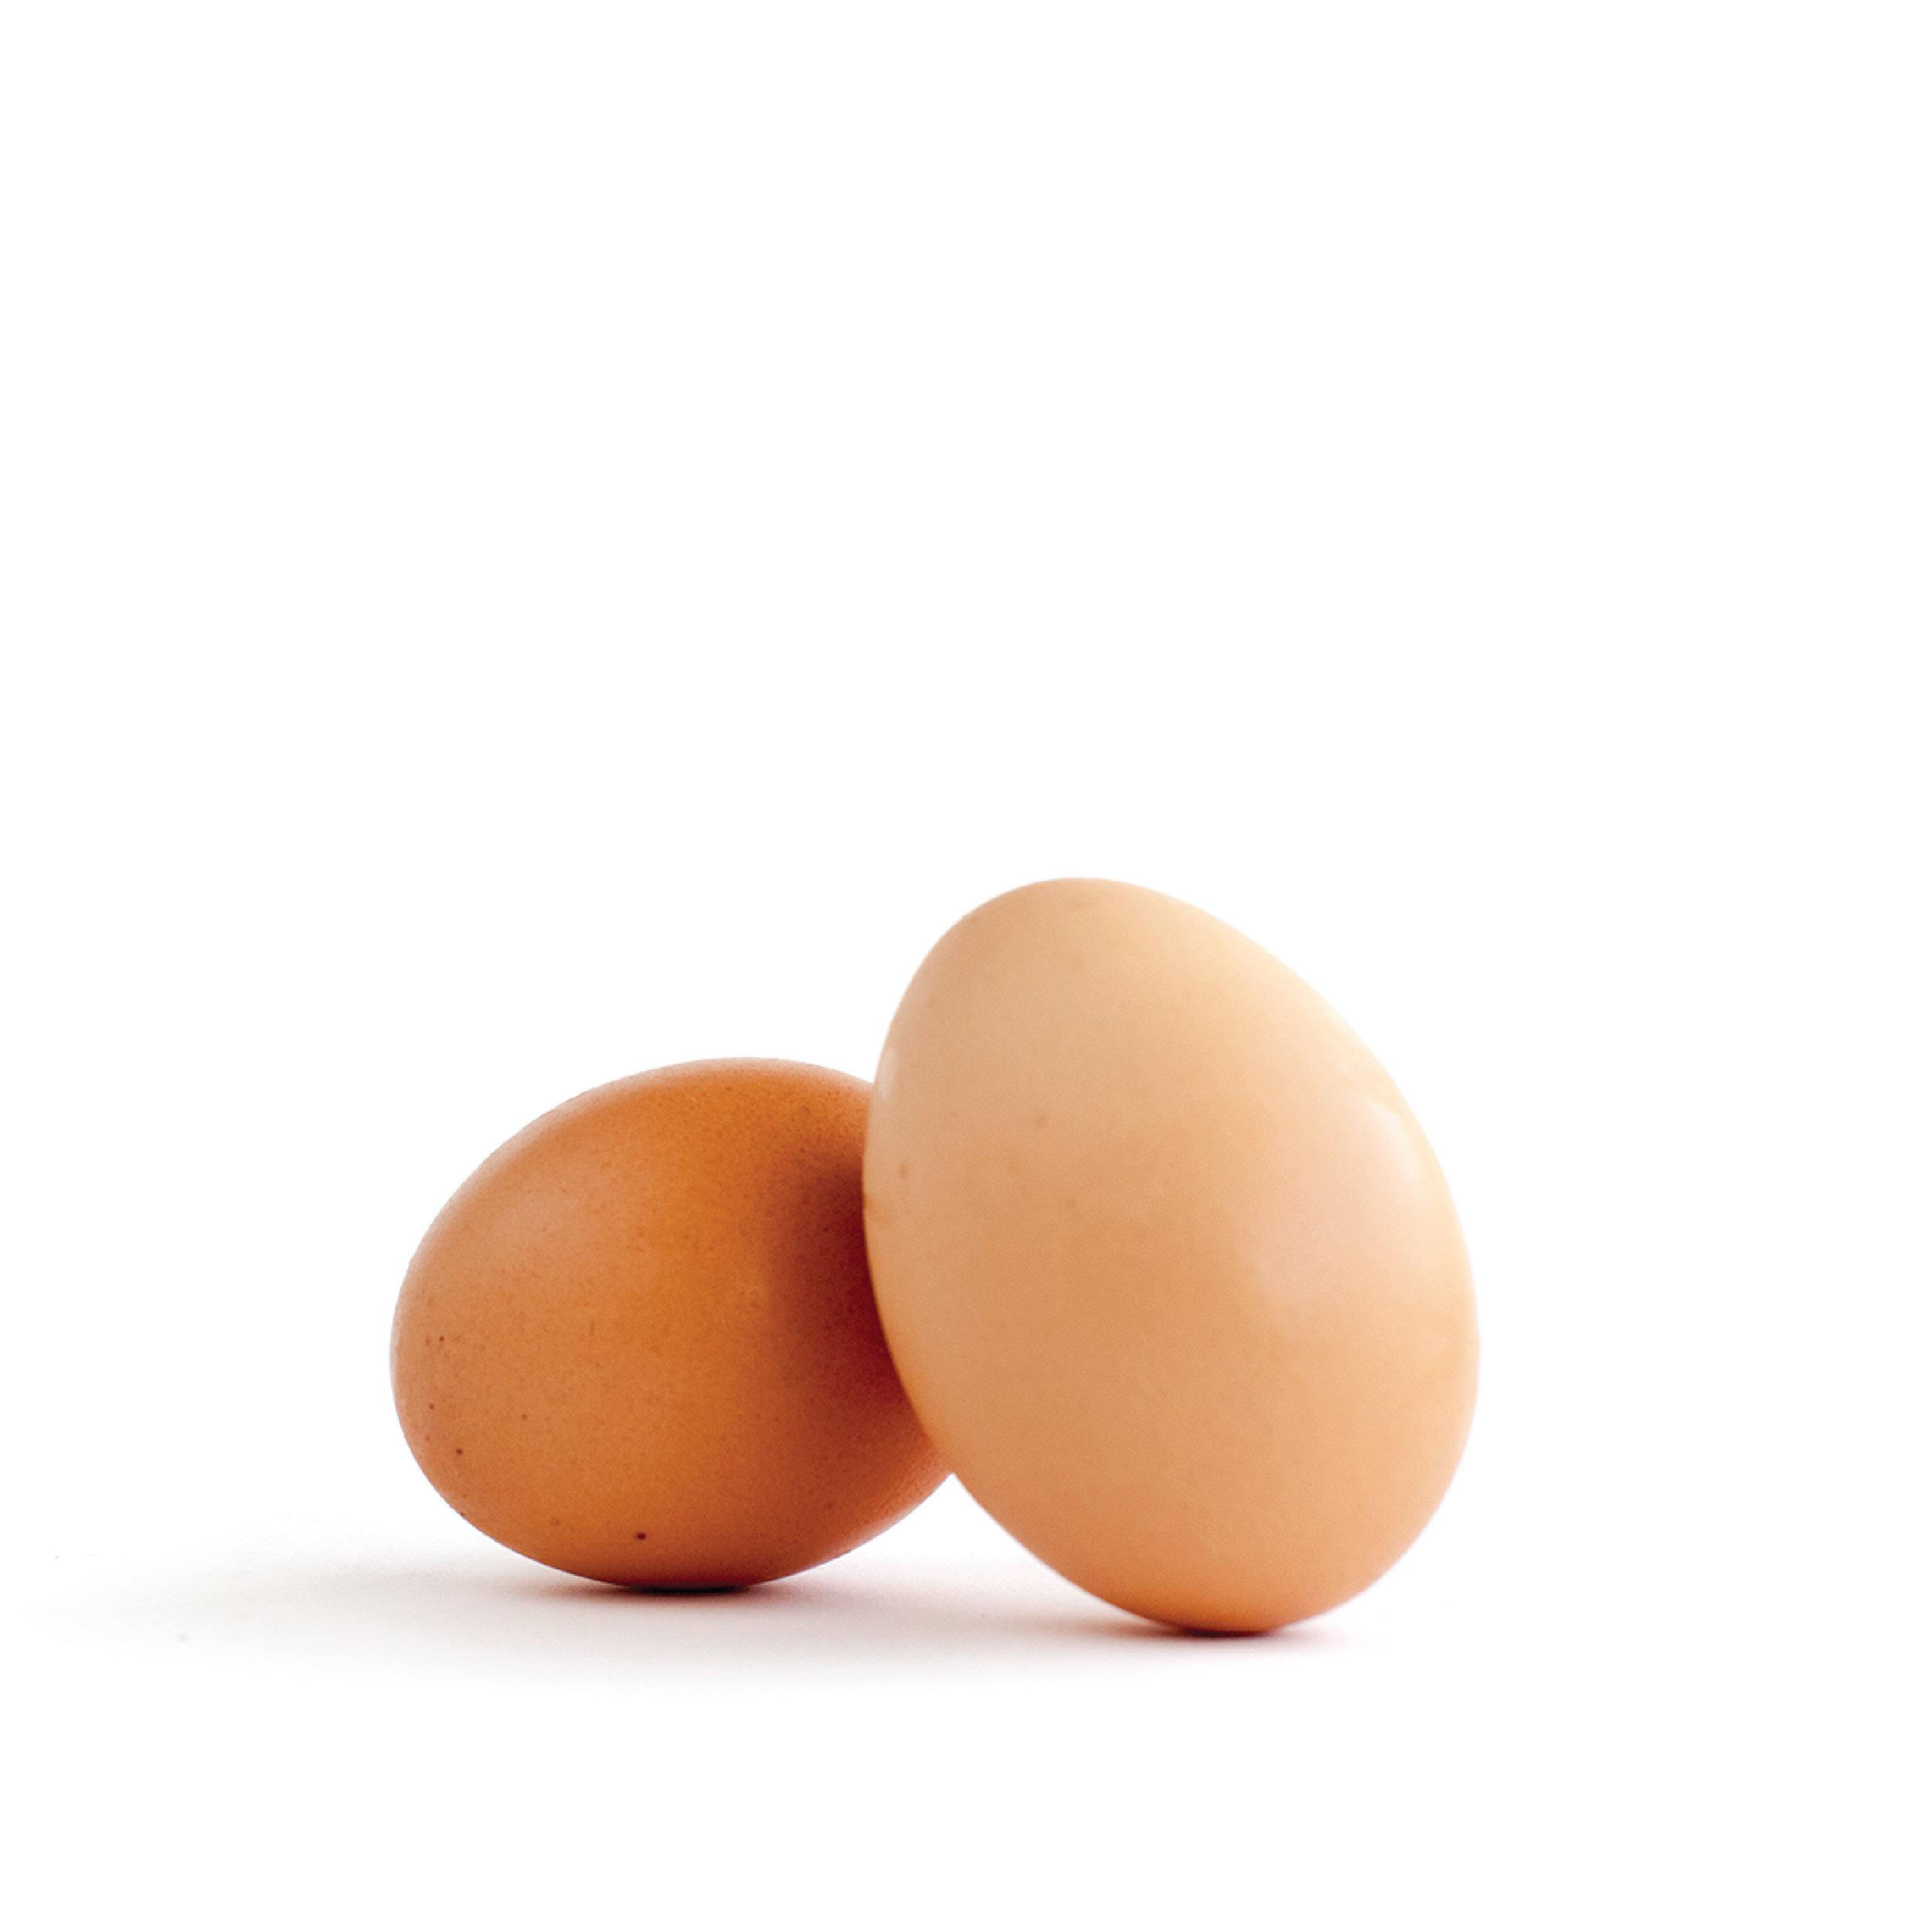 eggs-08-08.jpg